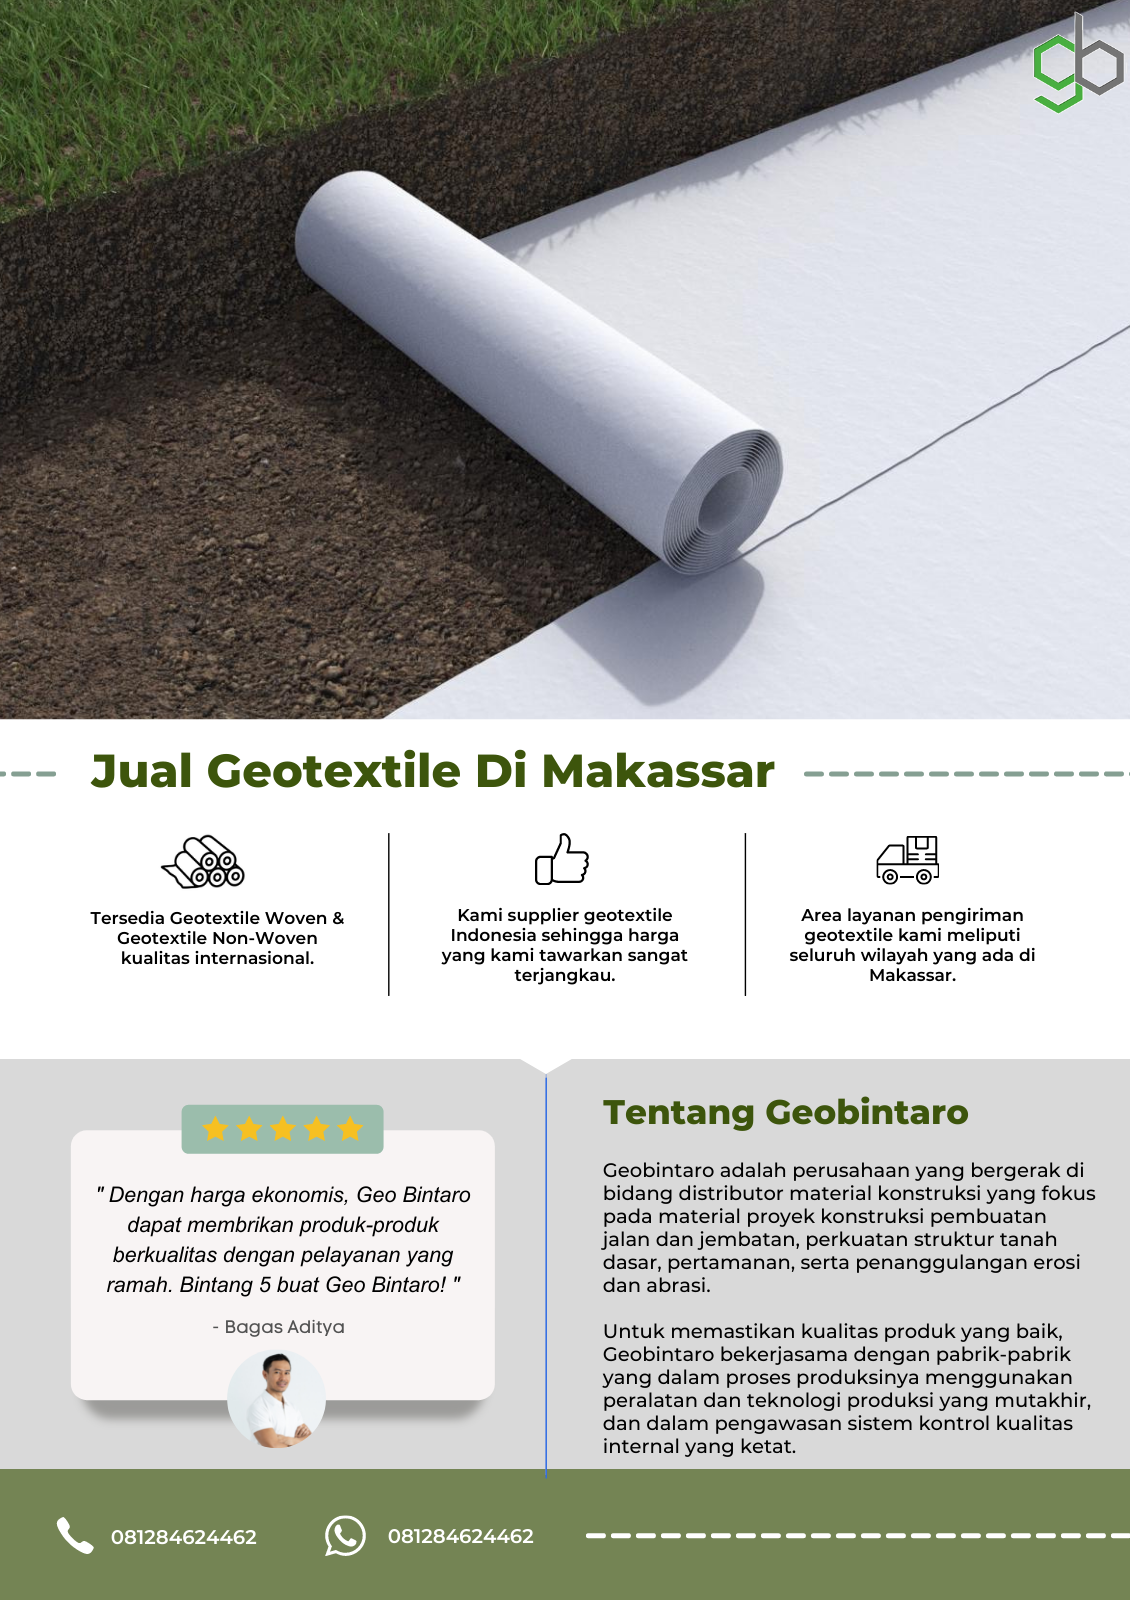 Jual Geotextile Di Makassar